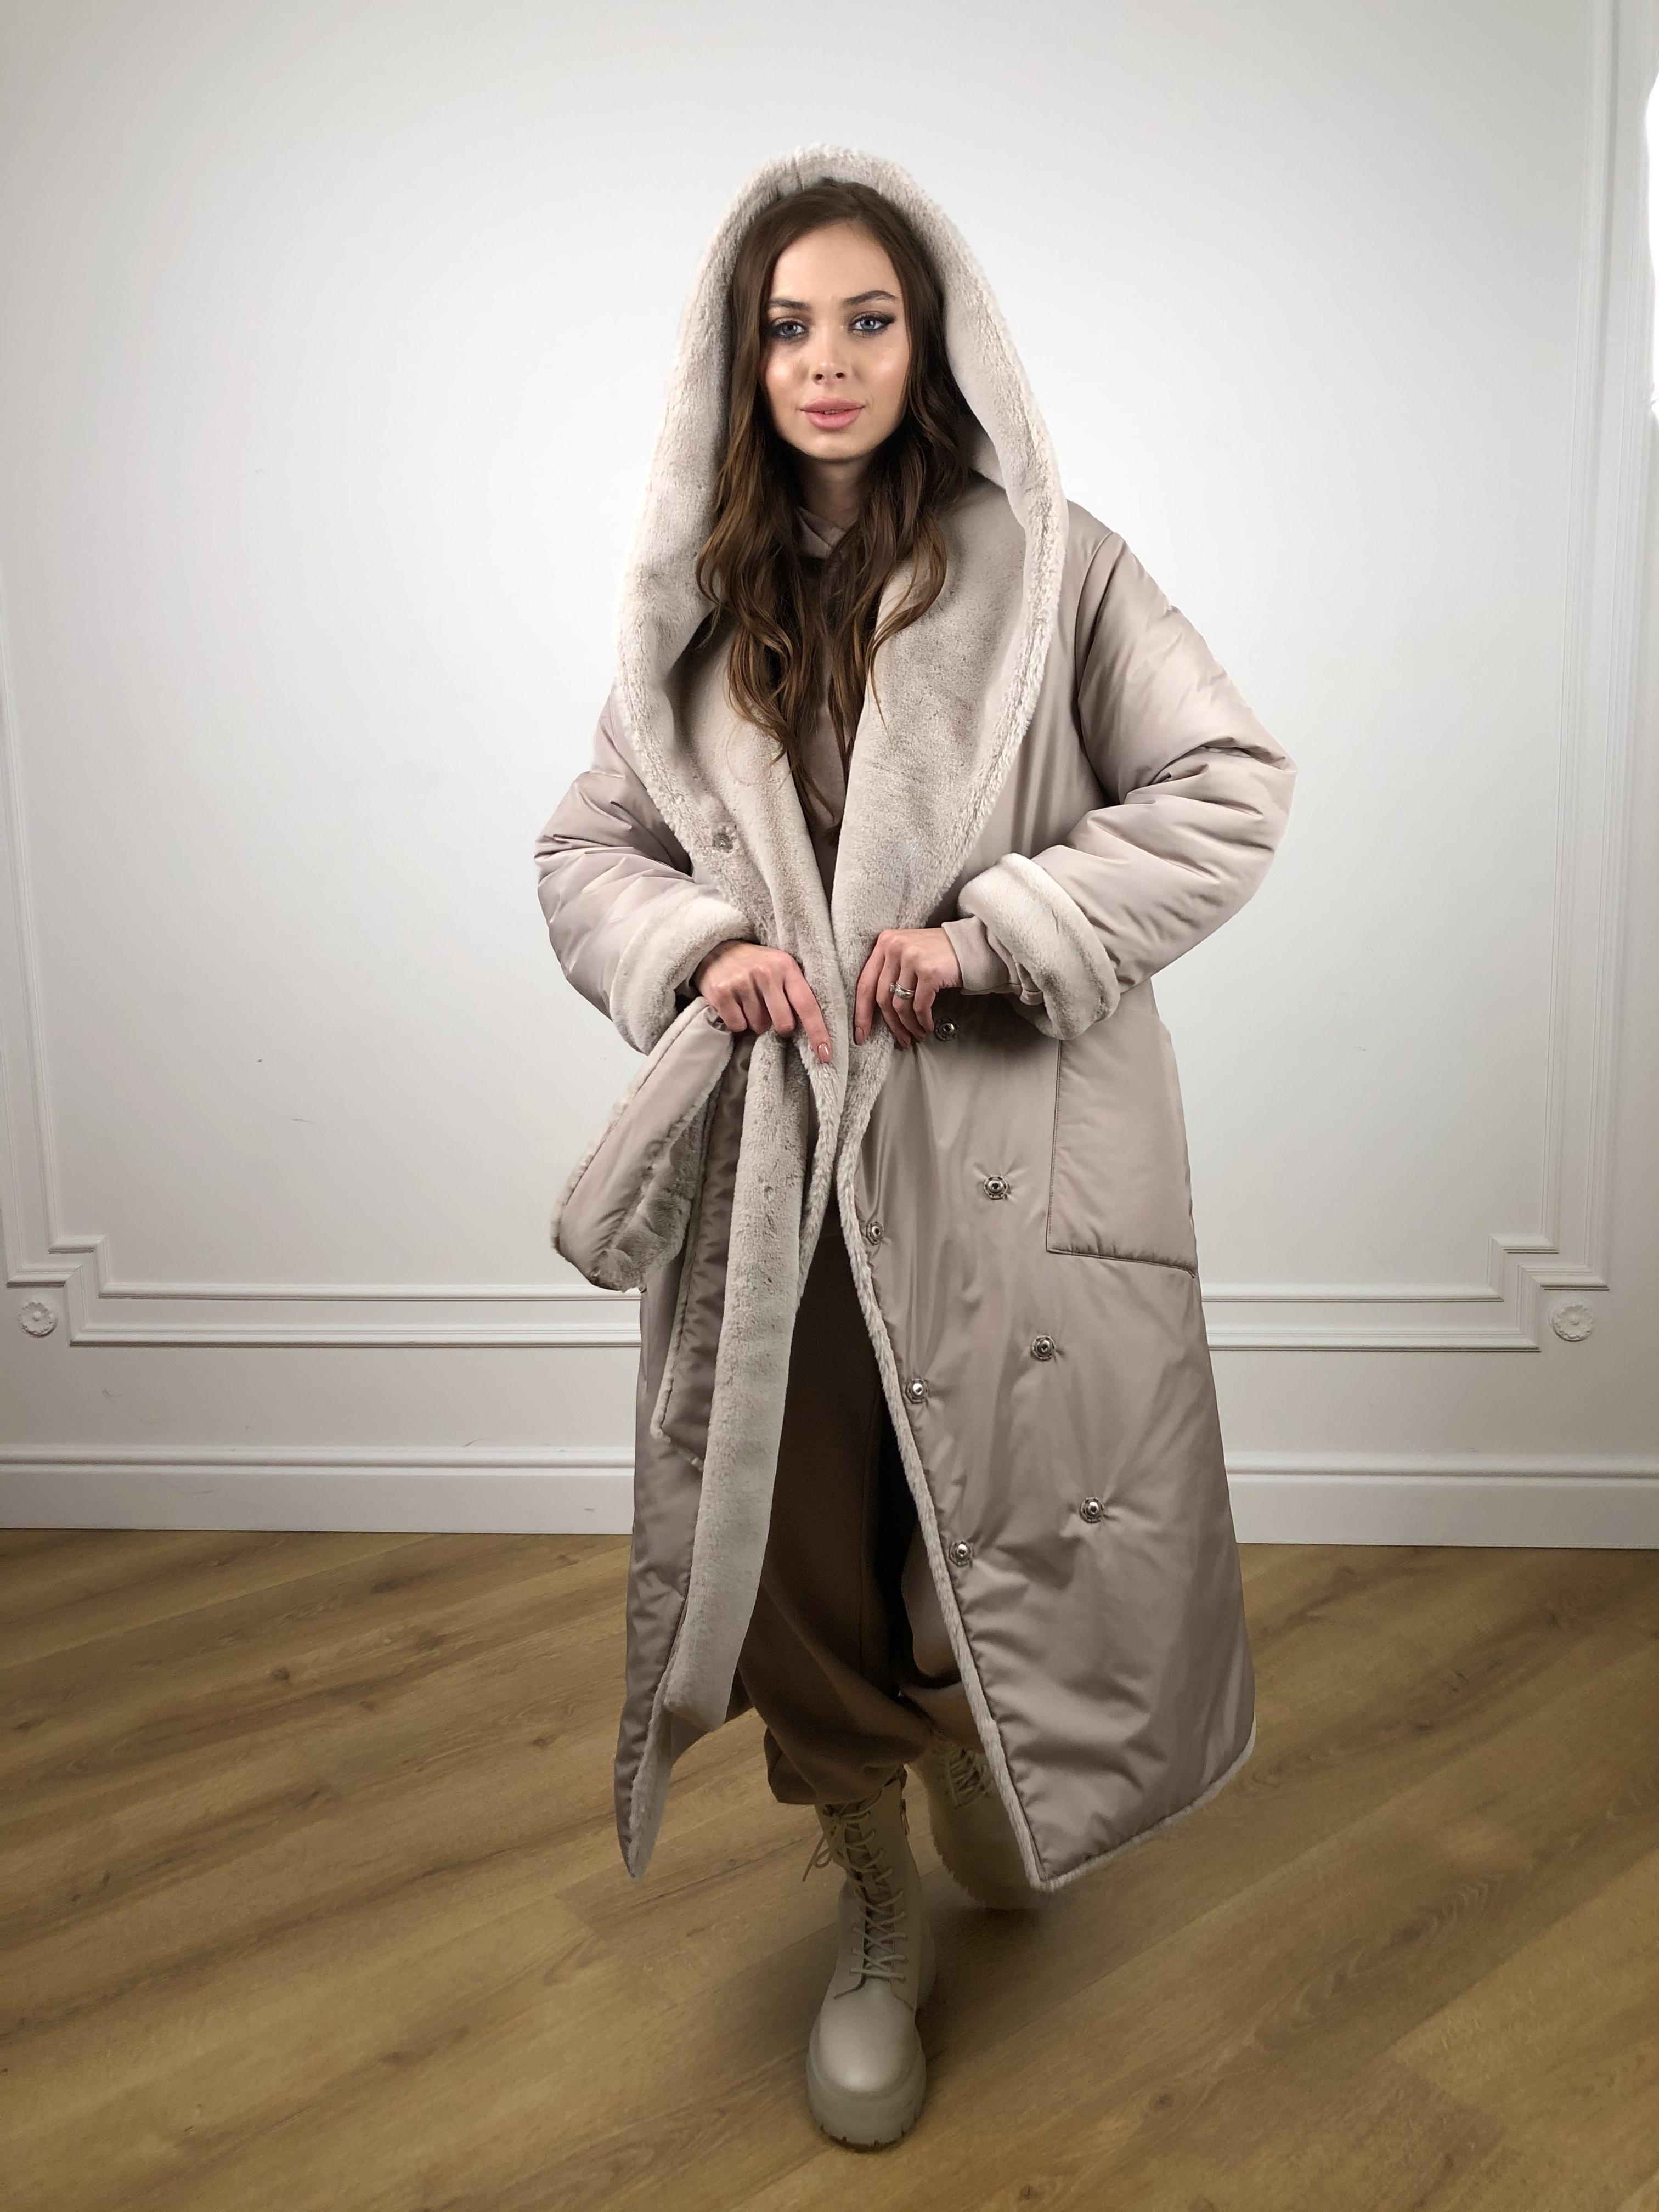 Сноу мех искуственный кролик   плащевка Канада зима пальто 10346 АРТ. 46646 Цвет: Св.серый/Кофе - фото 2, интернет магазин tm-modus.ru